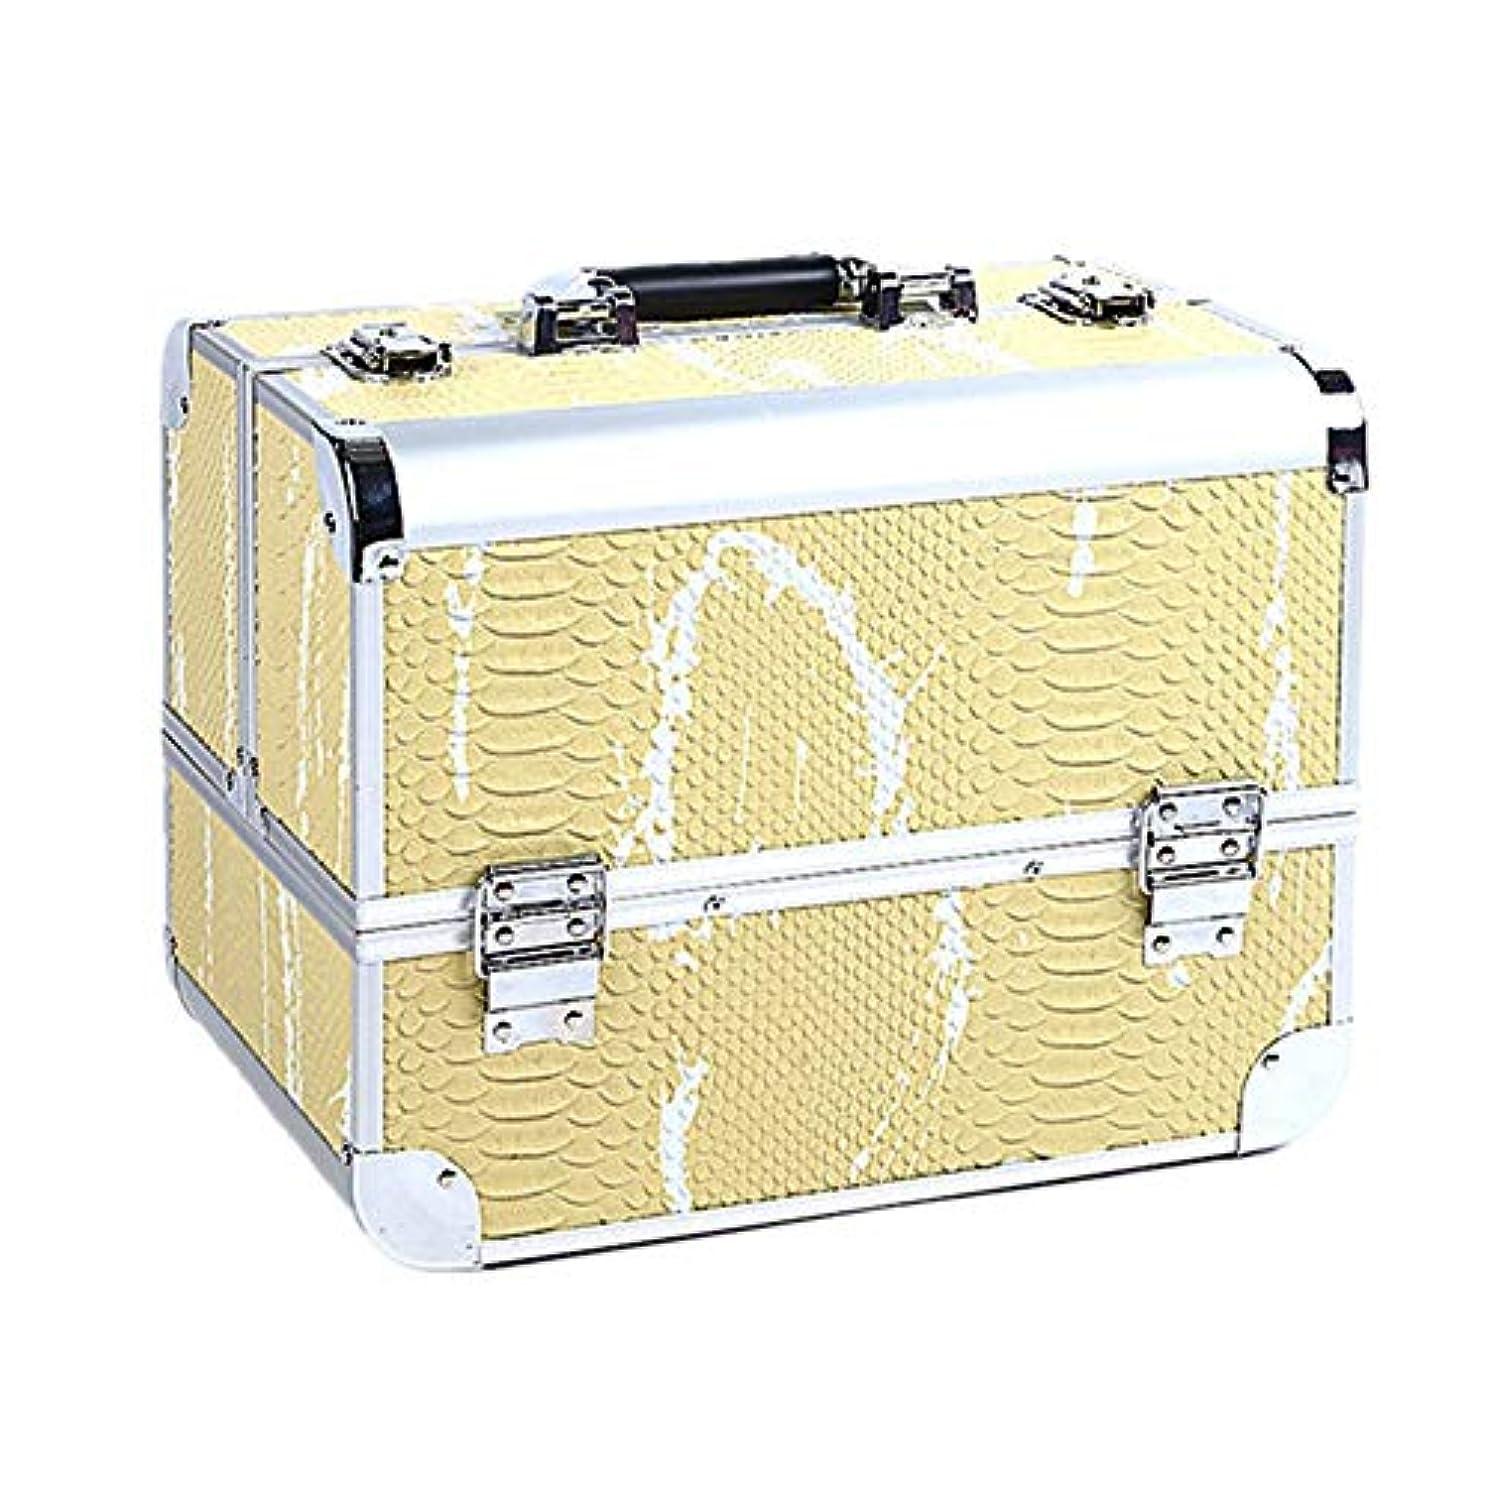 モトリー楽観的ジャングル化粧オーガナイザーバッグ 大容量ポータブル化粧品ケース用トラベルアクセサリーシャンプーボディウォッシュパーソナルアイテムストレージロックと拡張トレイ 化粧品ケース